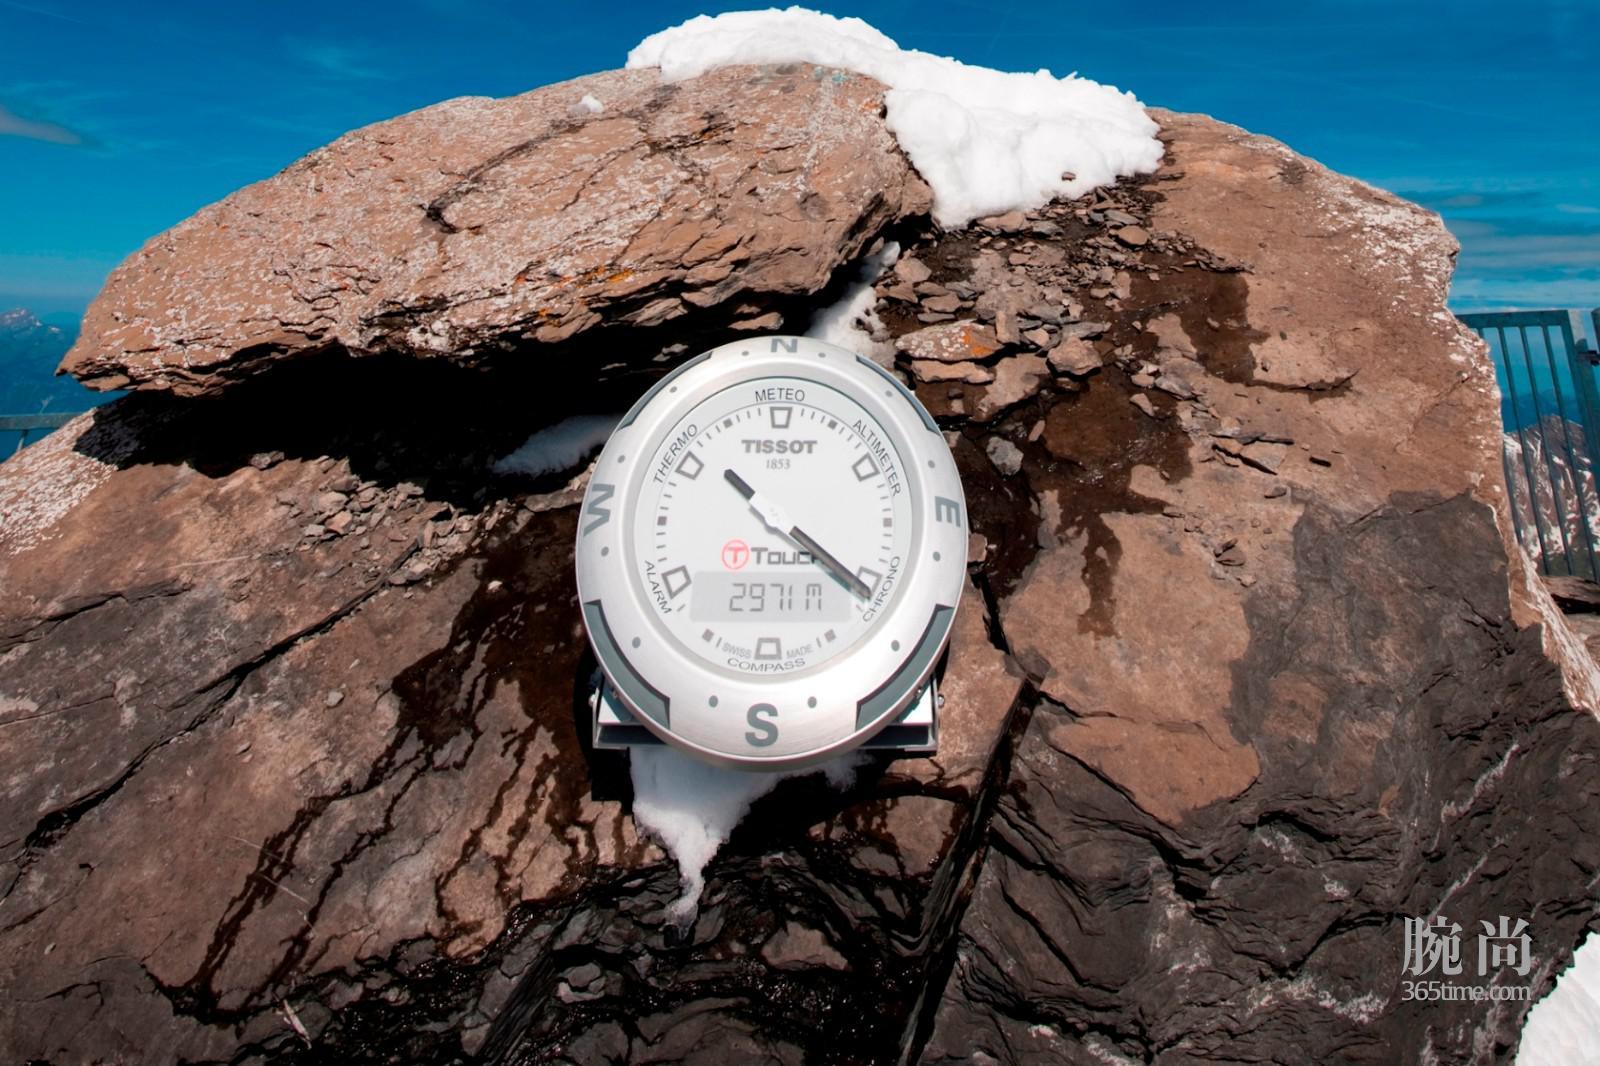 图2: 天梭表峰顶索桥和位于莱迪亚布勒雷的天梭腾智系列时钟.jpg